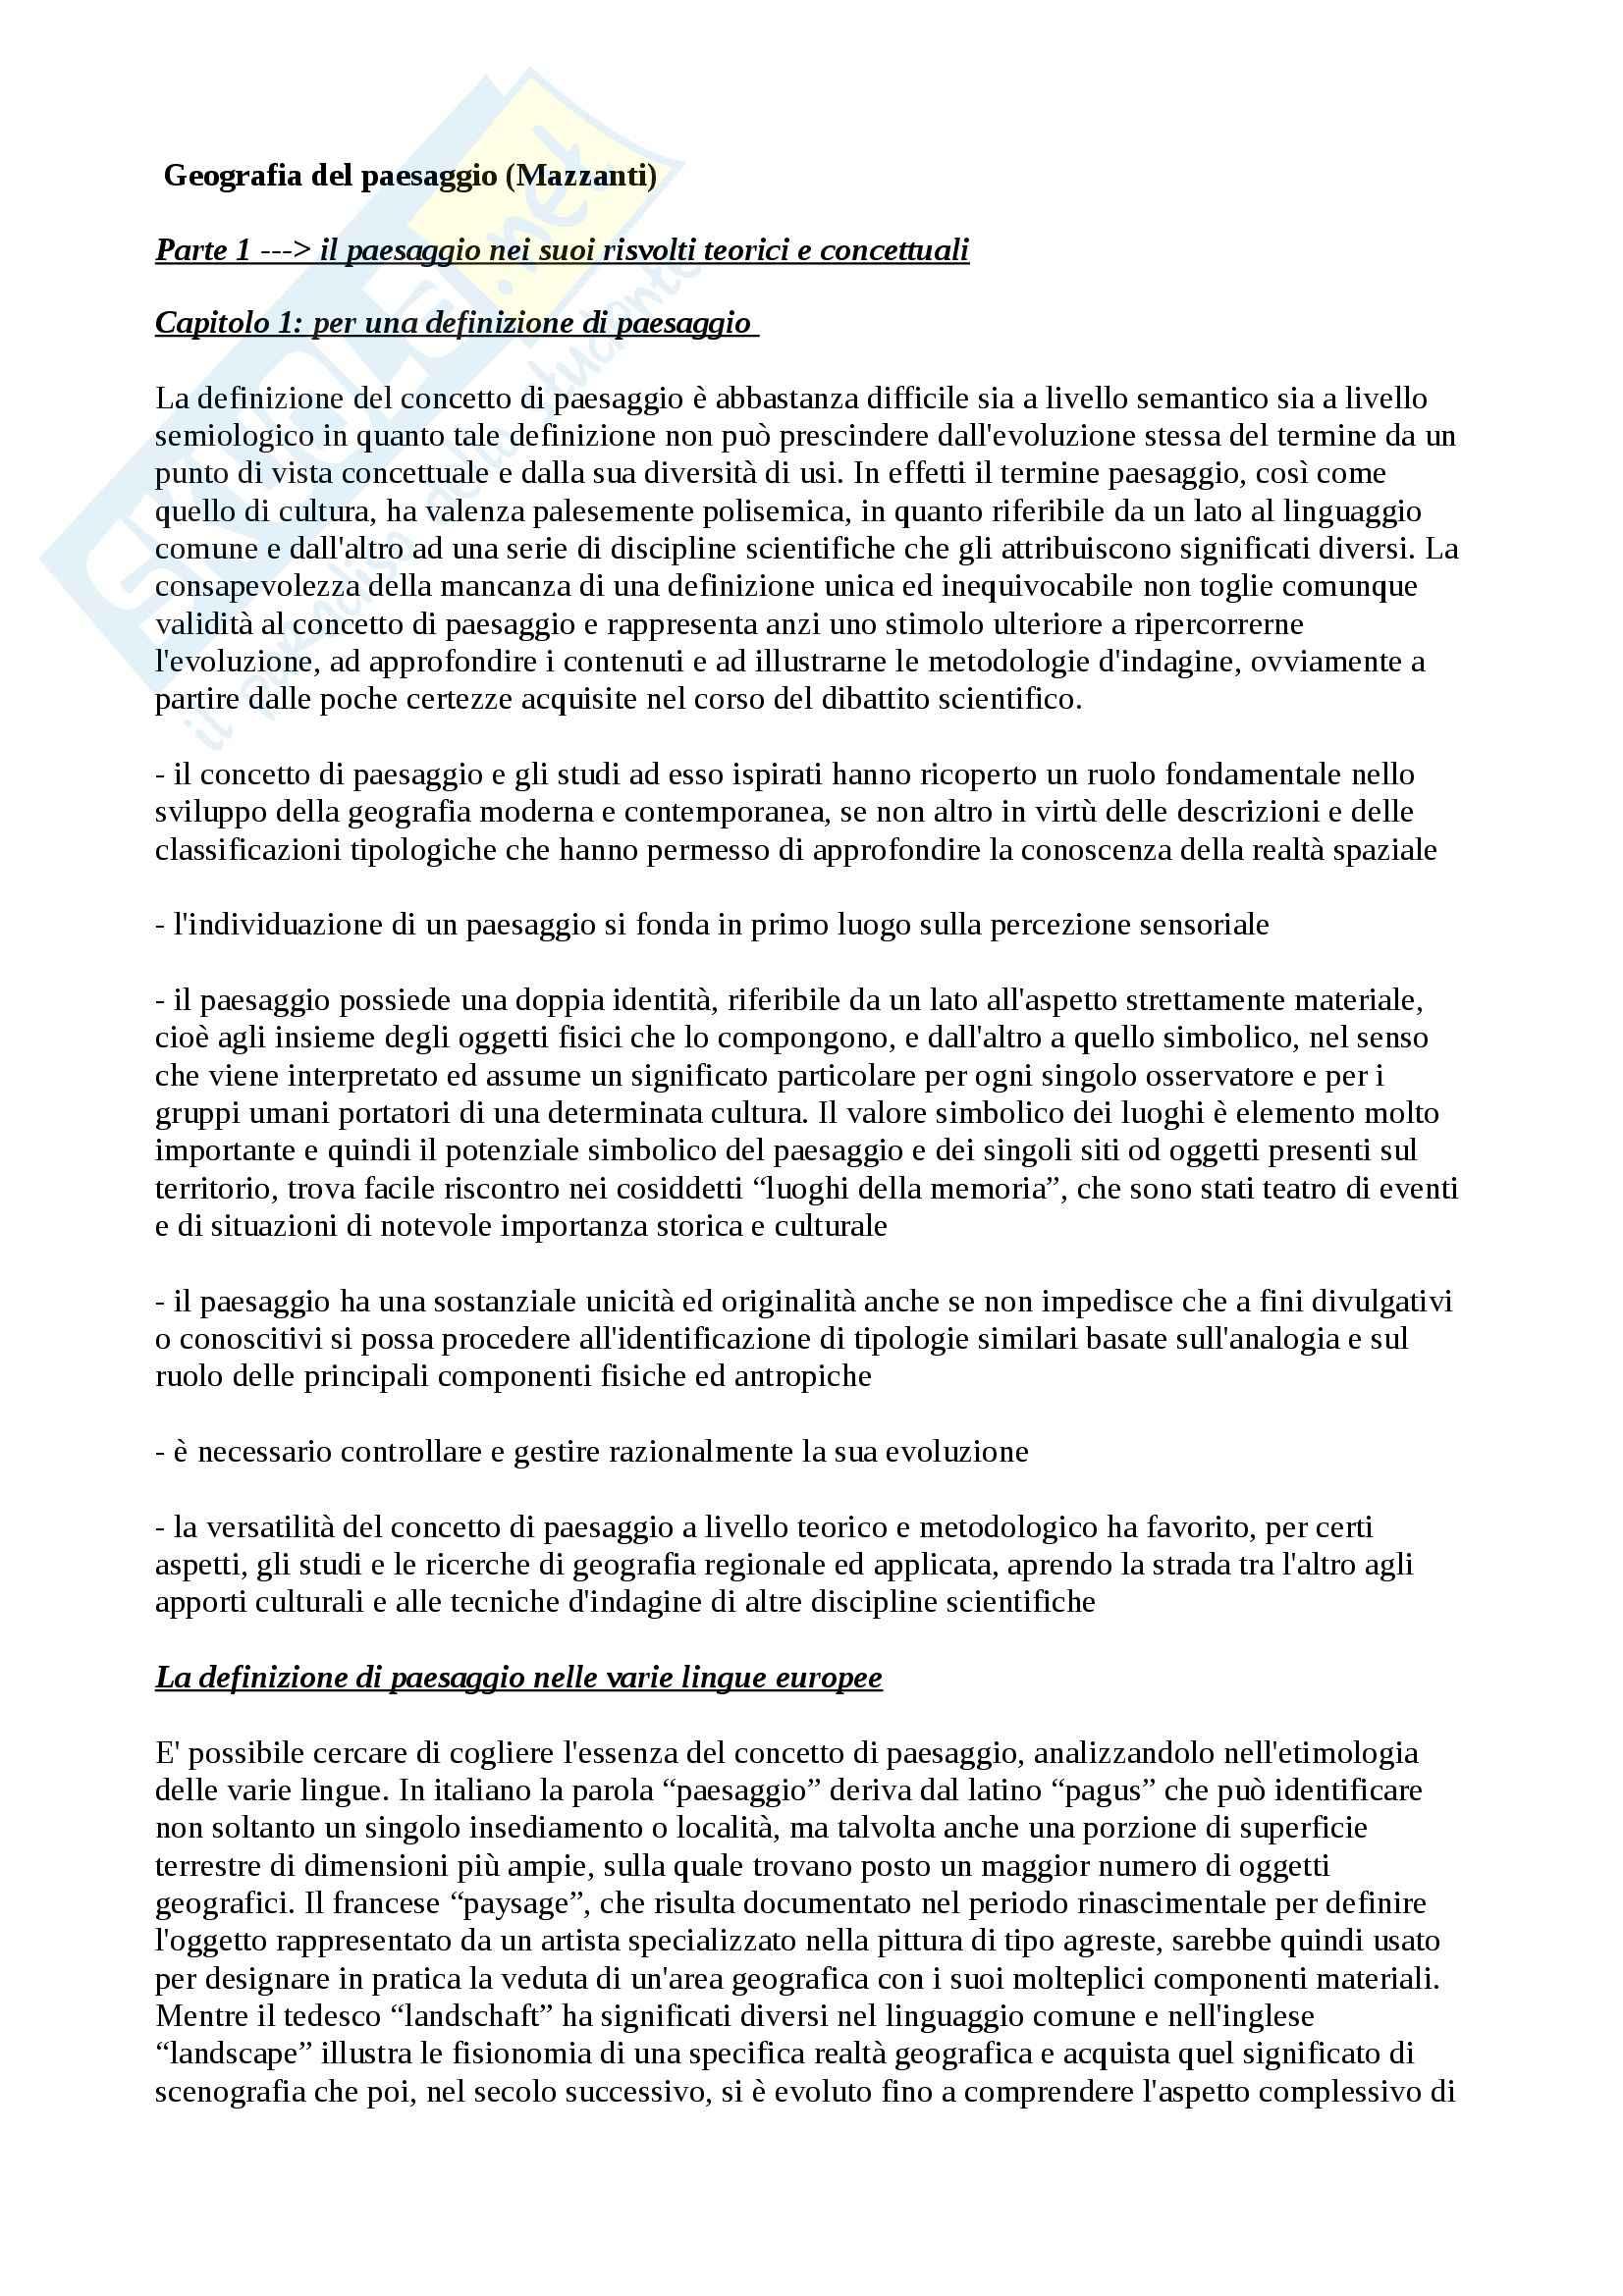 Riassunto esame Geografia, prof. Mazzanti, libro consigliato Geografia del paesaggio, Mazzanti